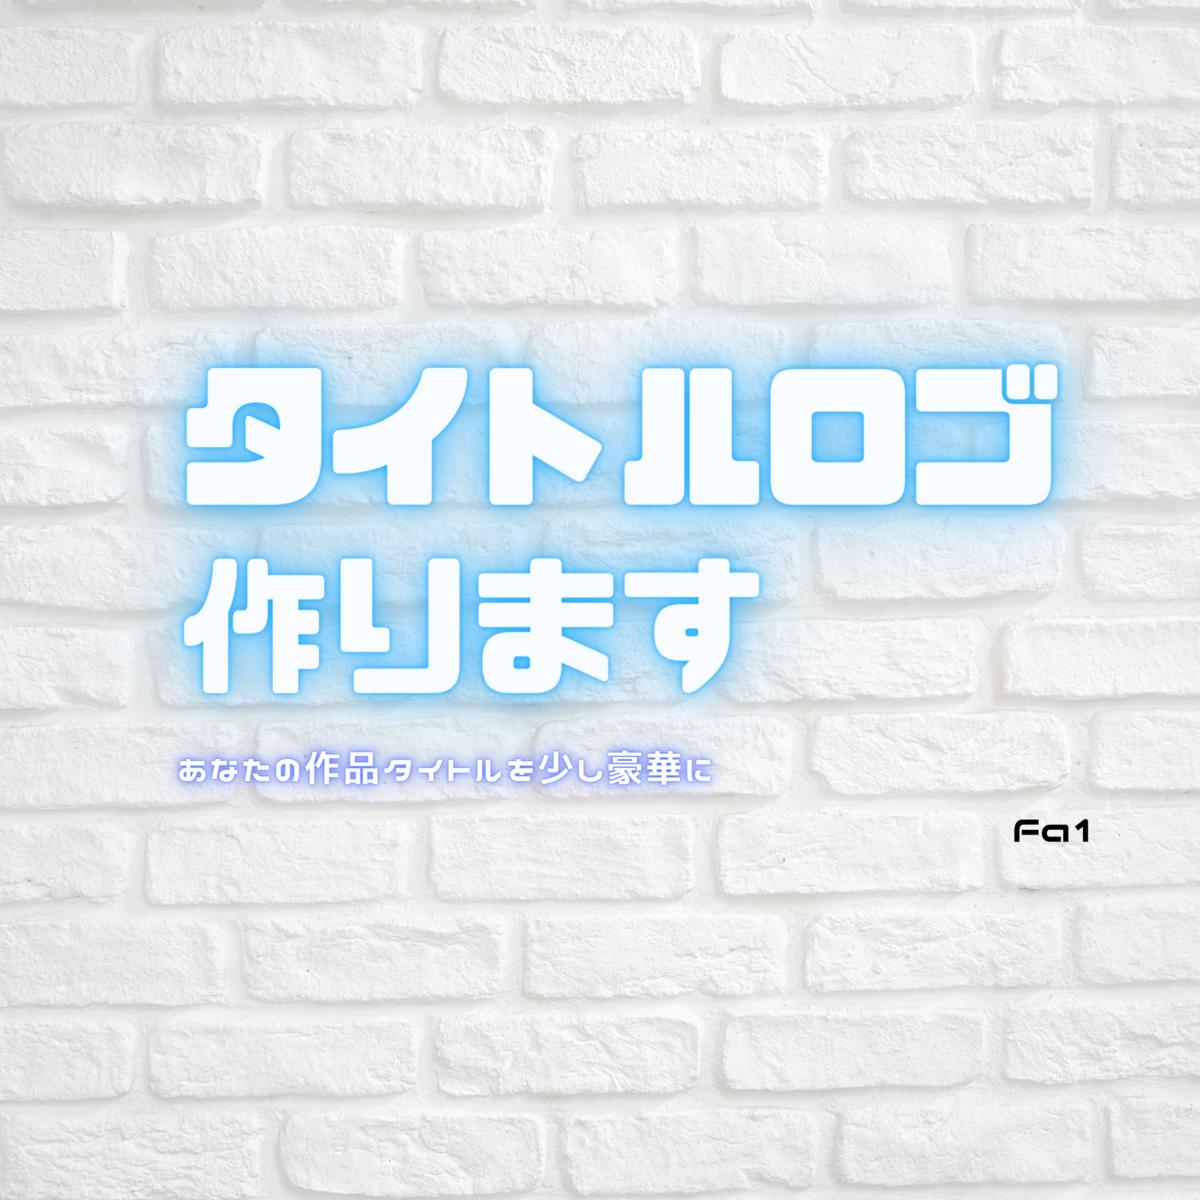 f:id:tatata_ichi:20201102122006p:plain